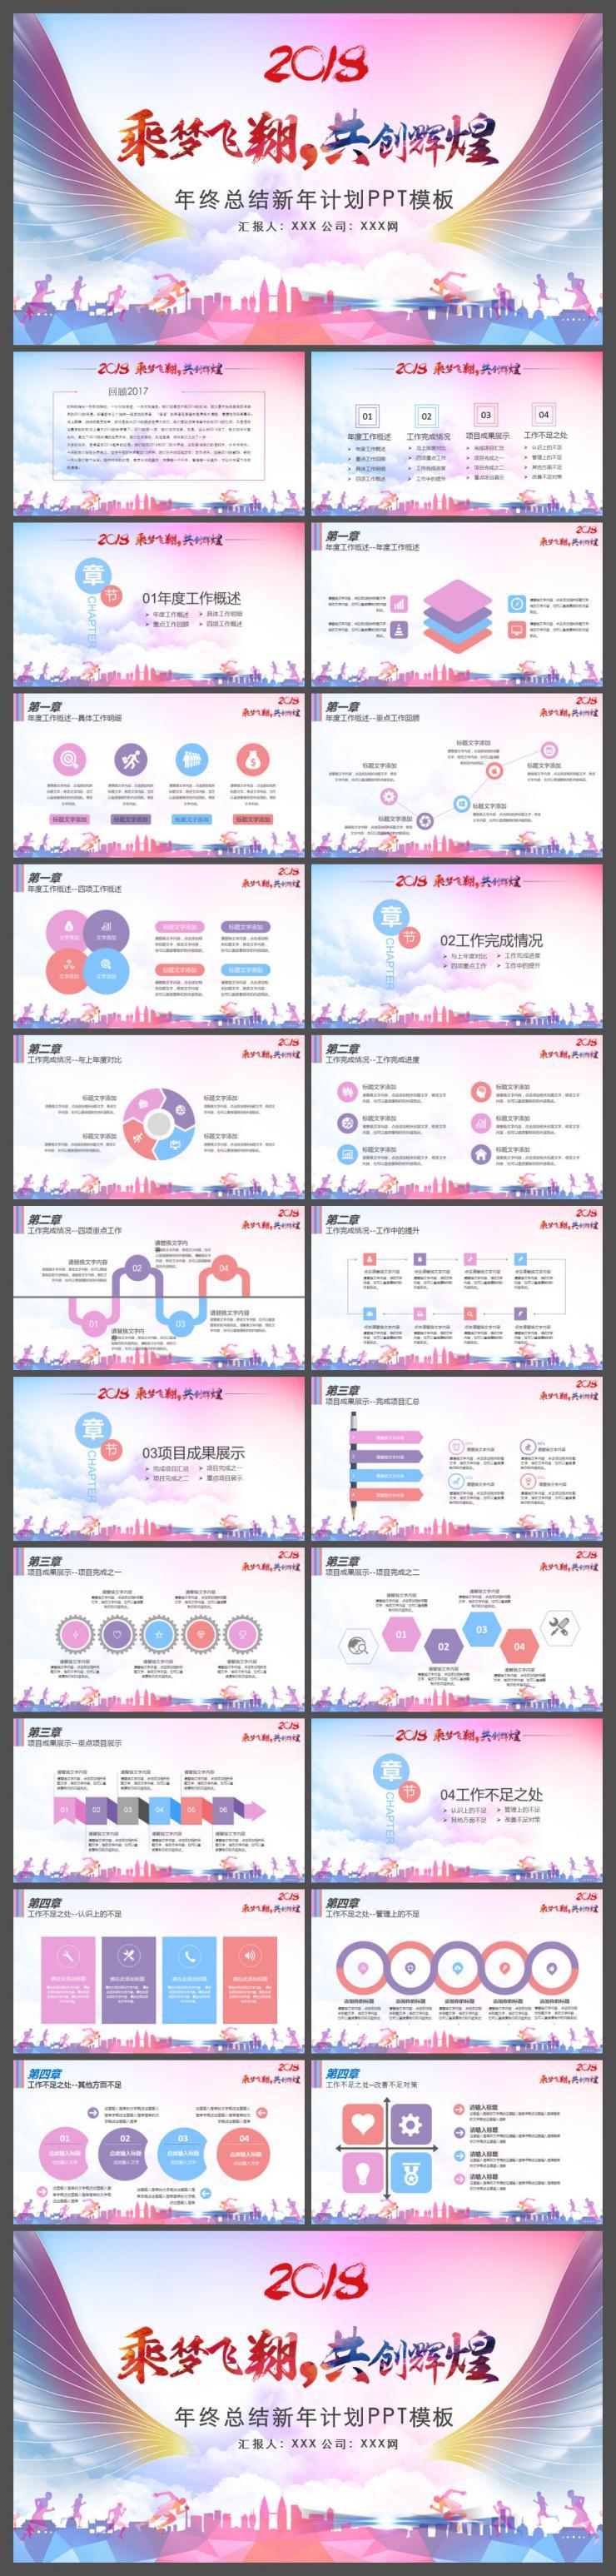 时尚炫彩风2018企业年终工作总结暨新年工作计划PPT模板